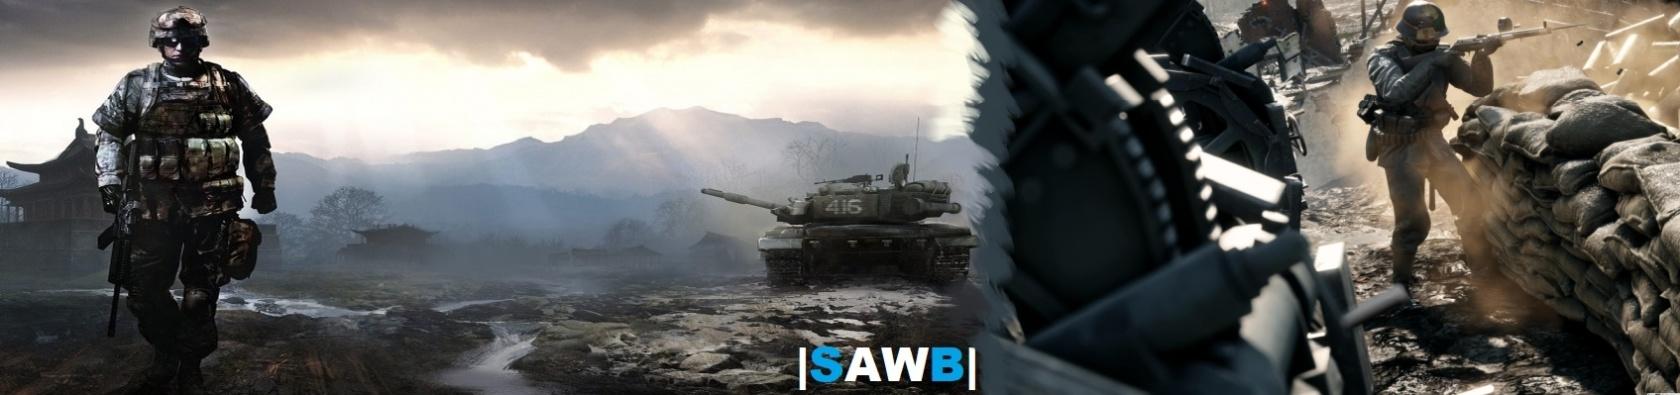 |SAWB| Battlefield & CALL OF DUTY CLAN